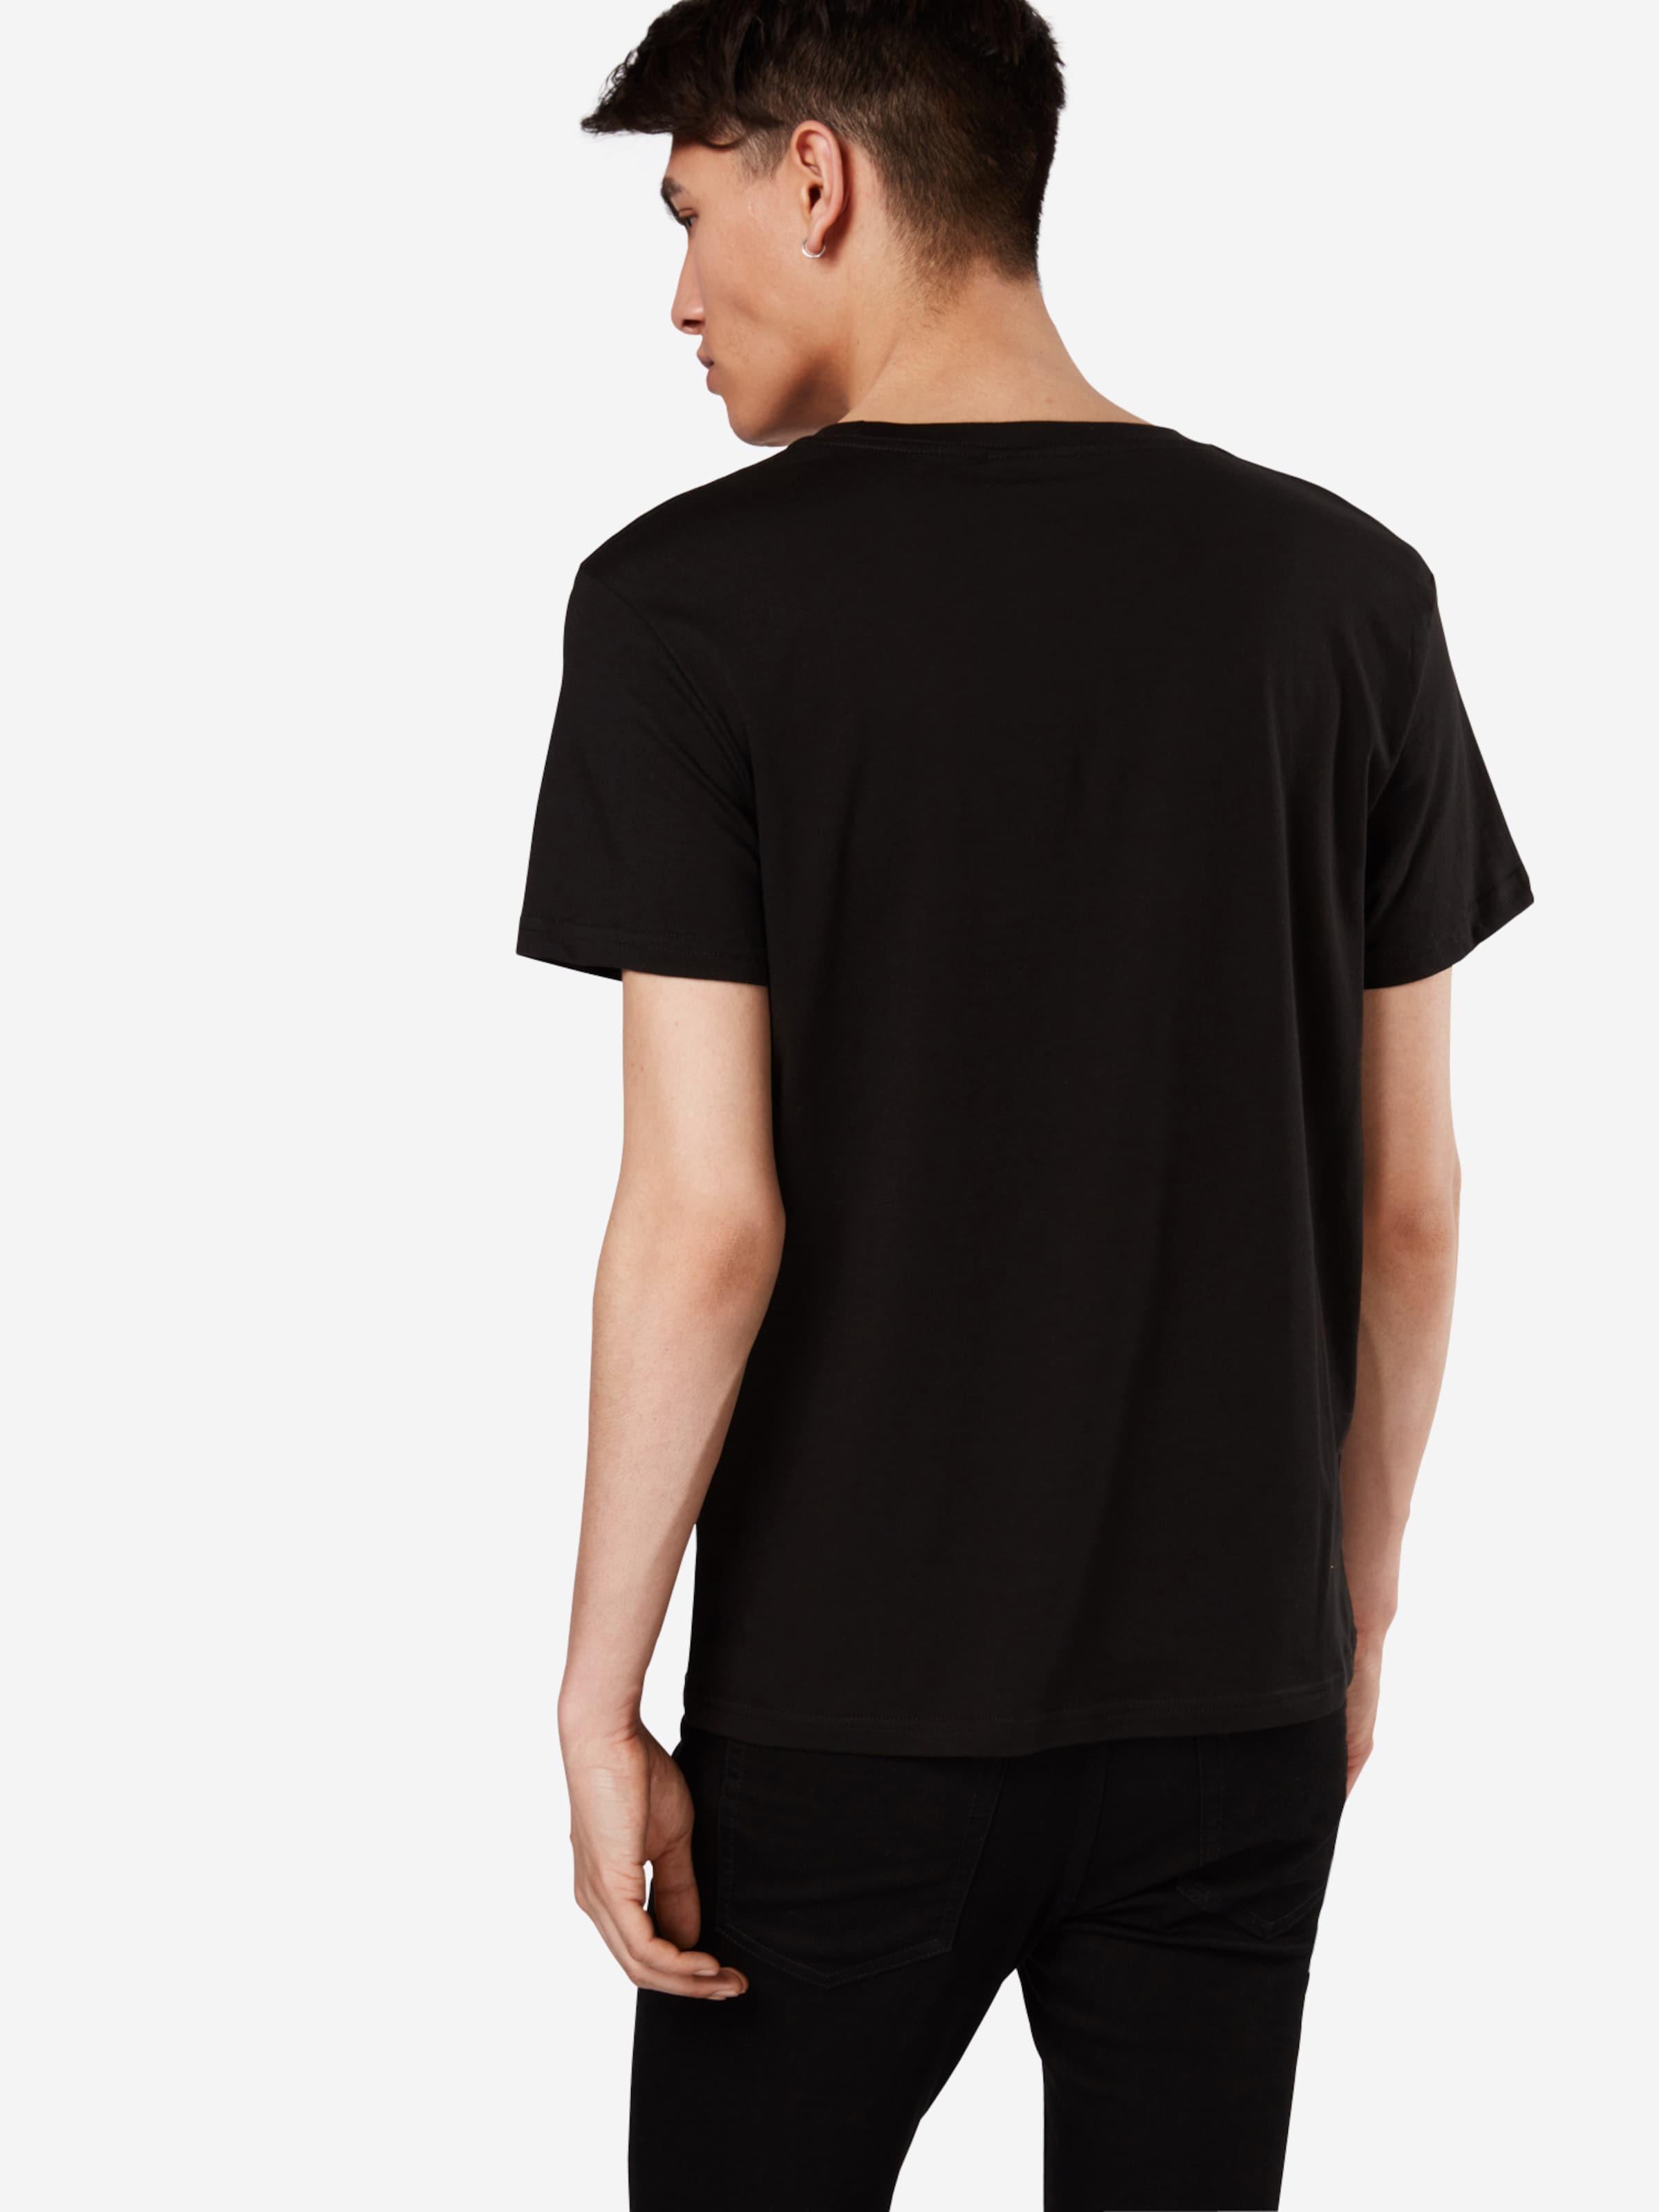 CHEAP MONDAY T-Shirt 'Standard tee Spliced cheap' Freies Verschiffen Hohe Qualität 3uYMxHXxLj